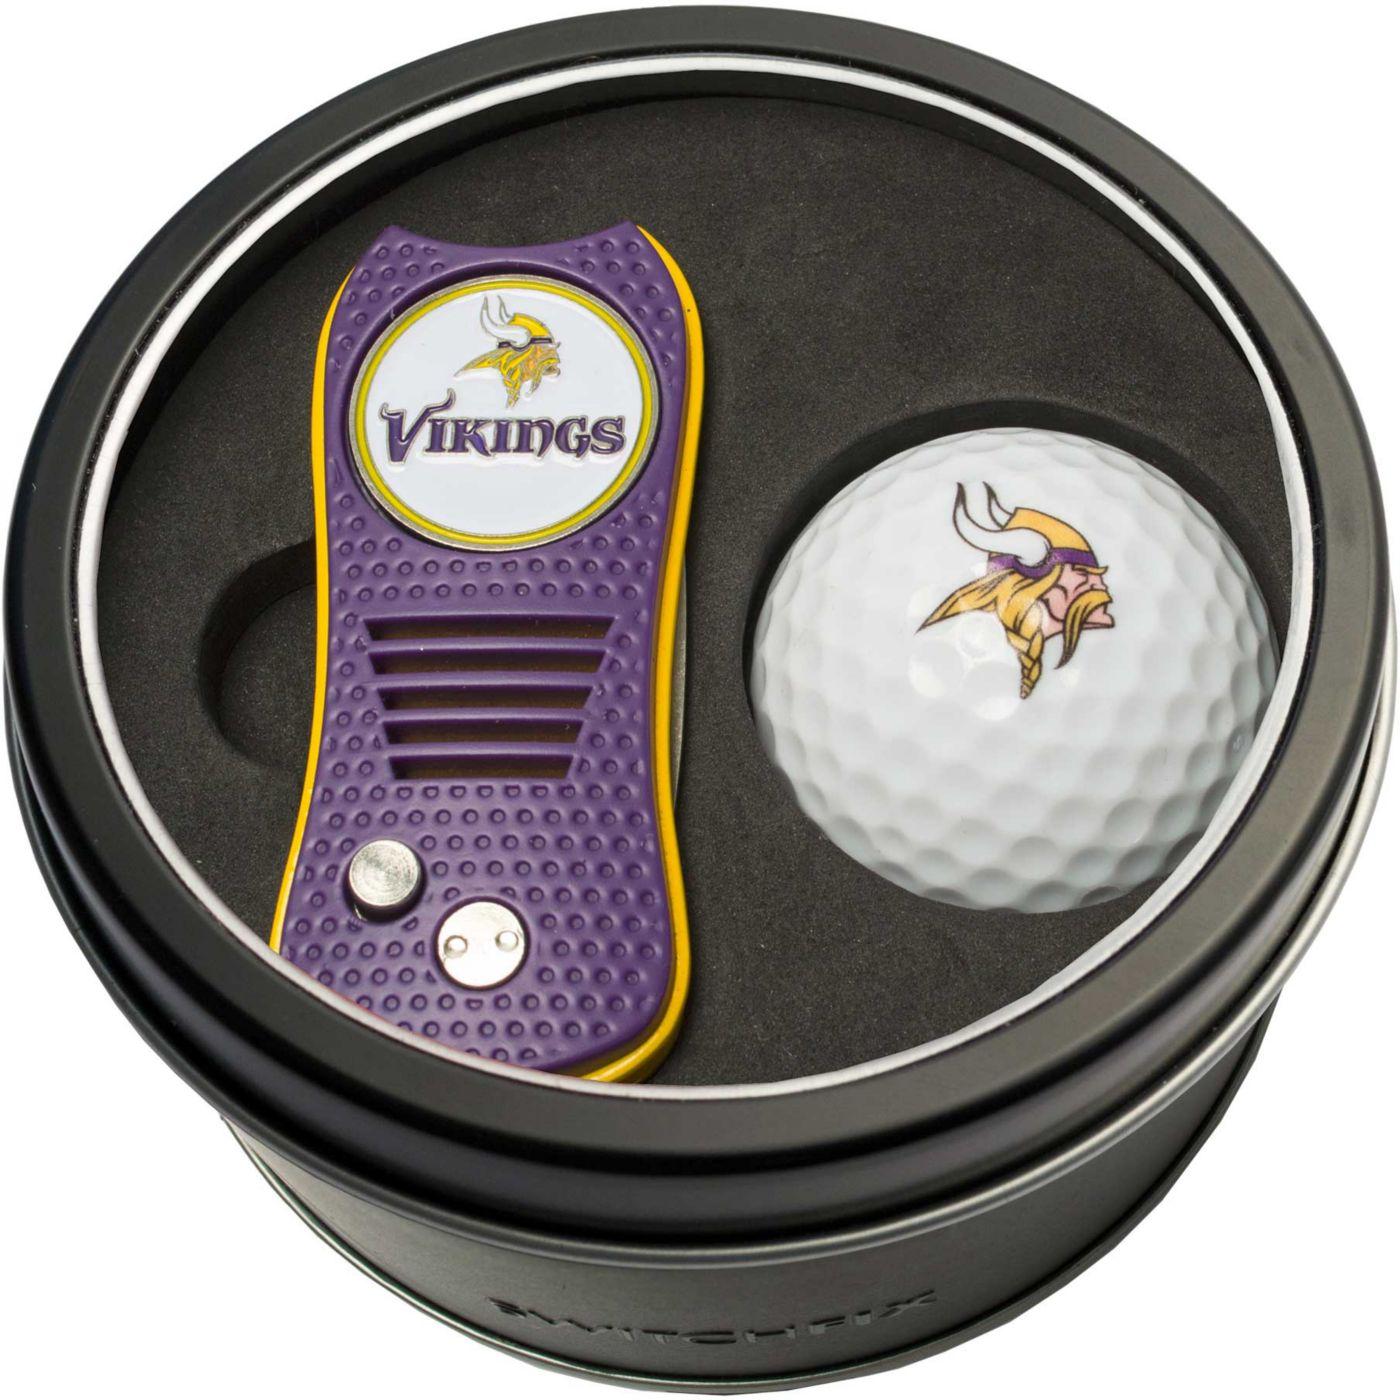 Team Golf Minnesota Vikings Switchfix Divot Tool and Golf Ball Set